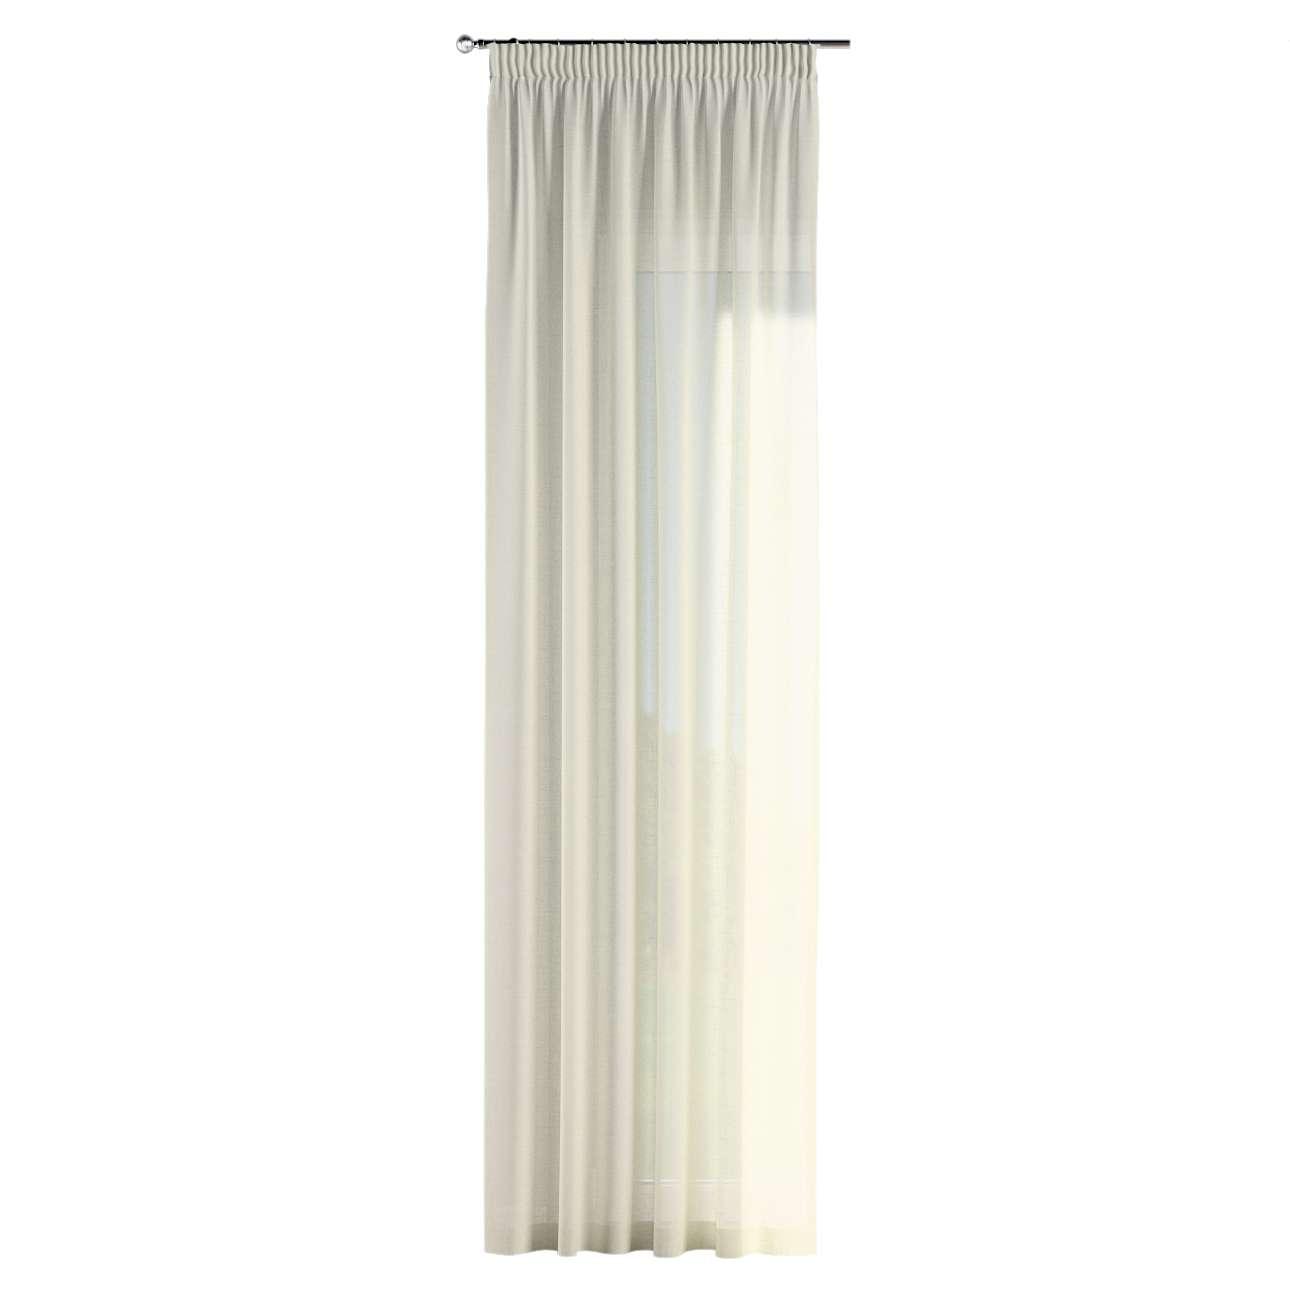 Záves na riasiacej páske 130 x 260 cm V kolekcii Romantica, tkanina: 128-88